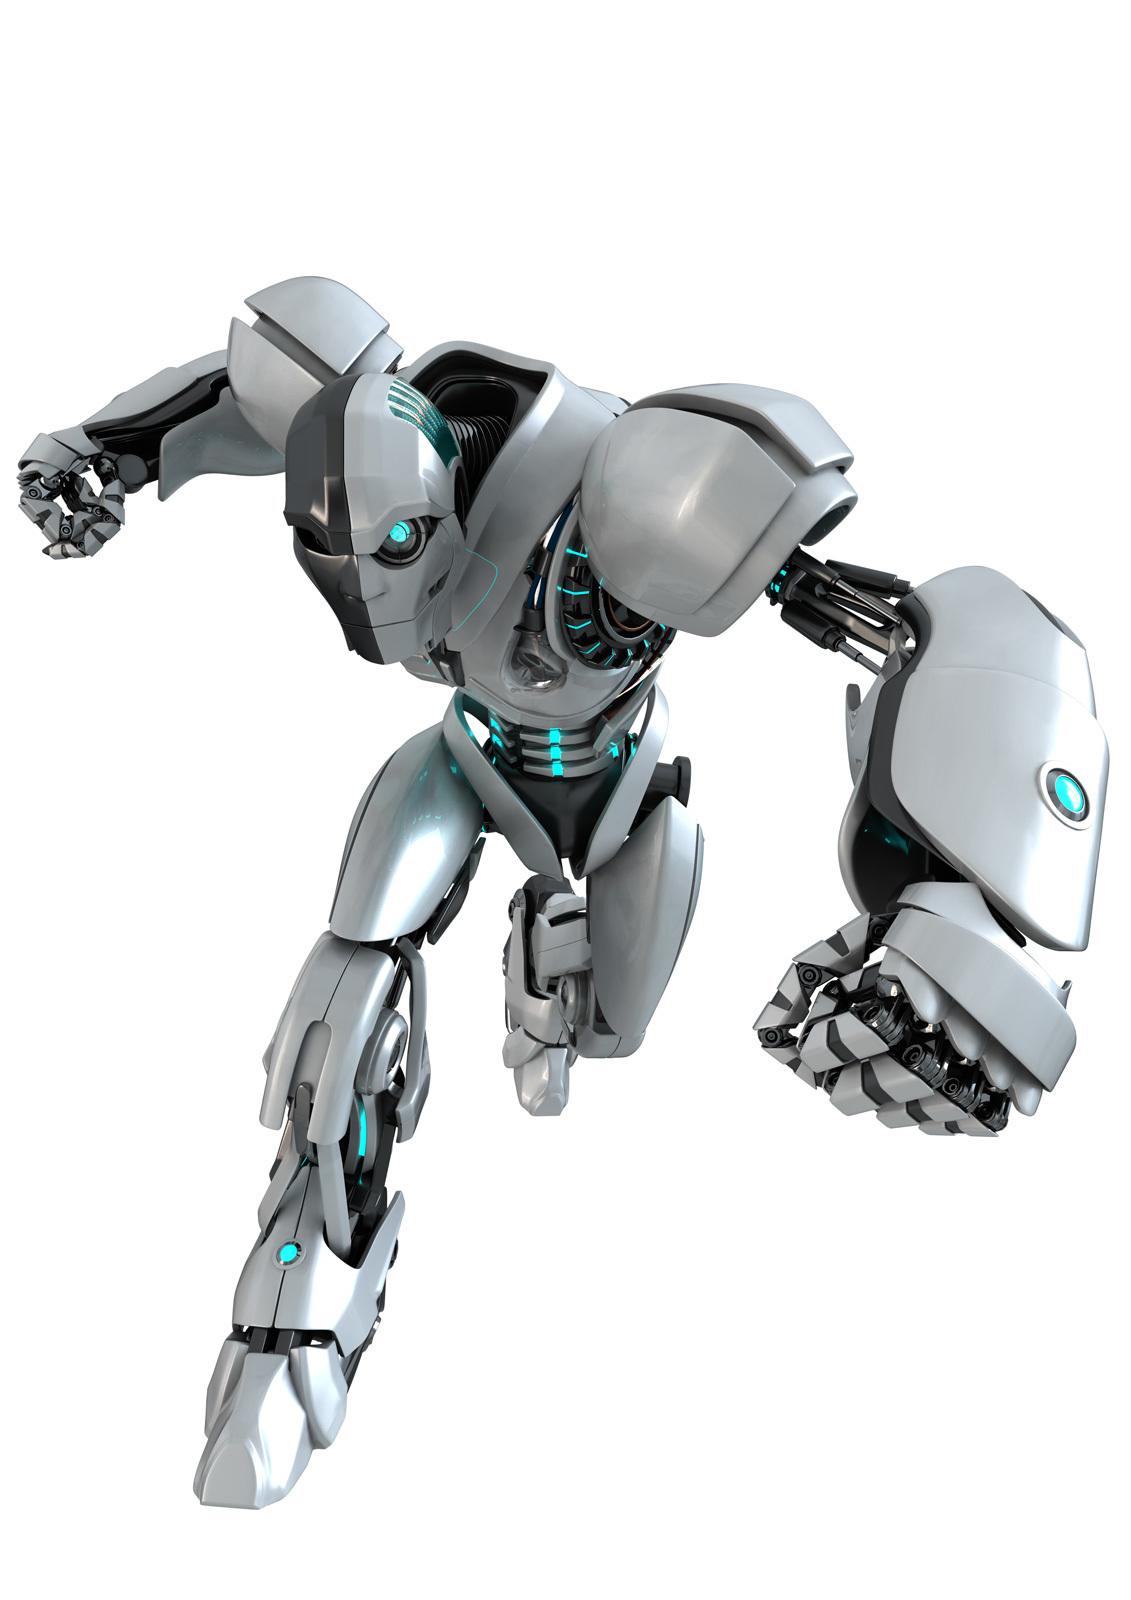 Xidon cyborg 1 18077f6d ncl2